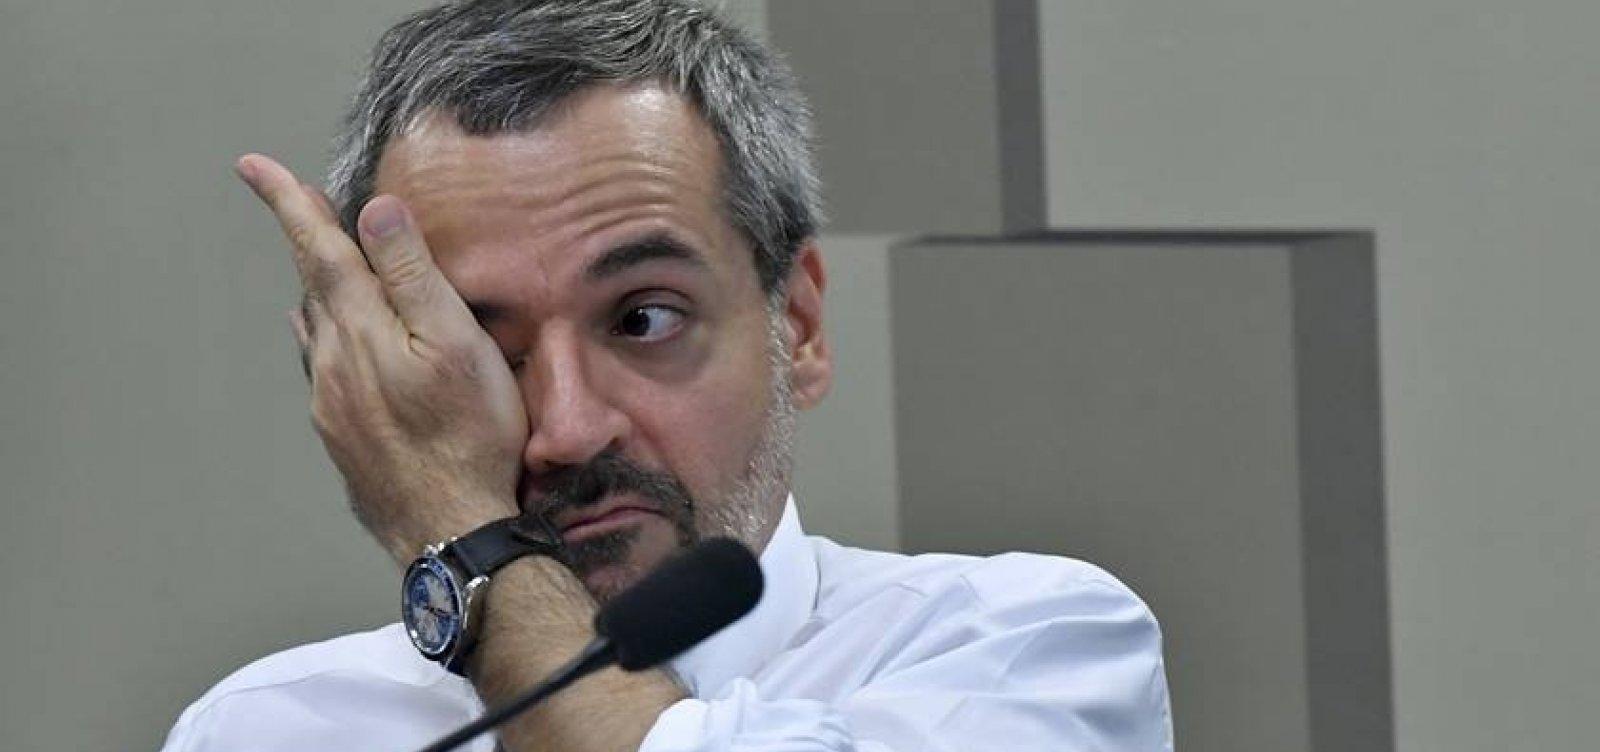 [Ministro confirma que recebeu ligação de Bolsonaro para recuar de cortes]